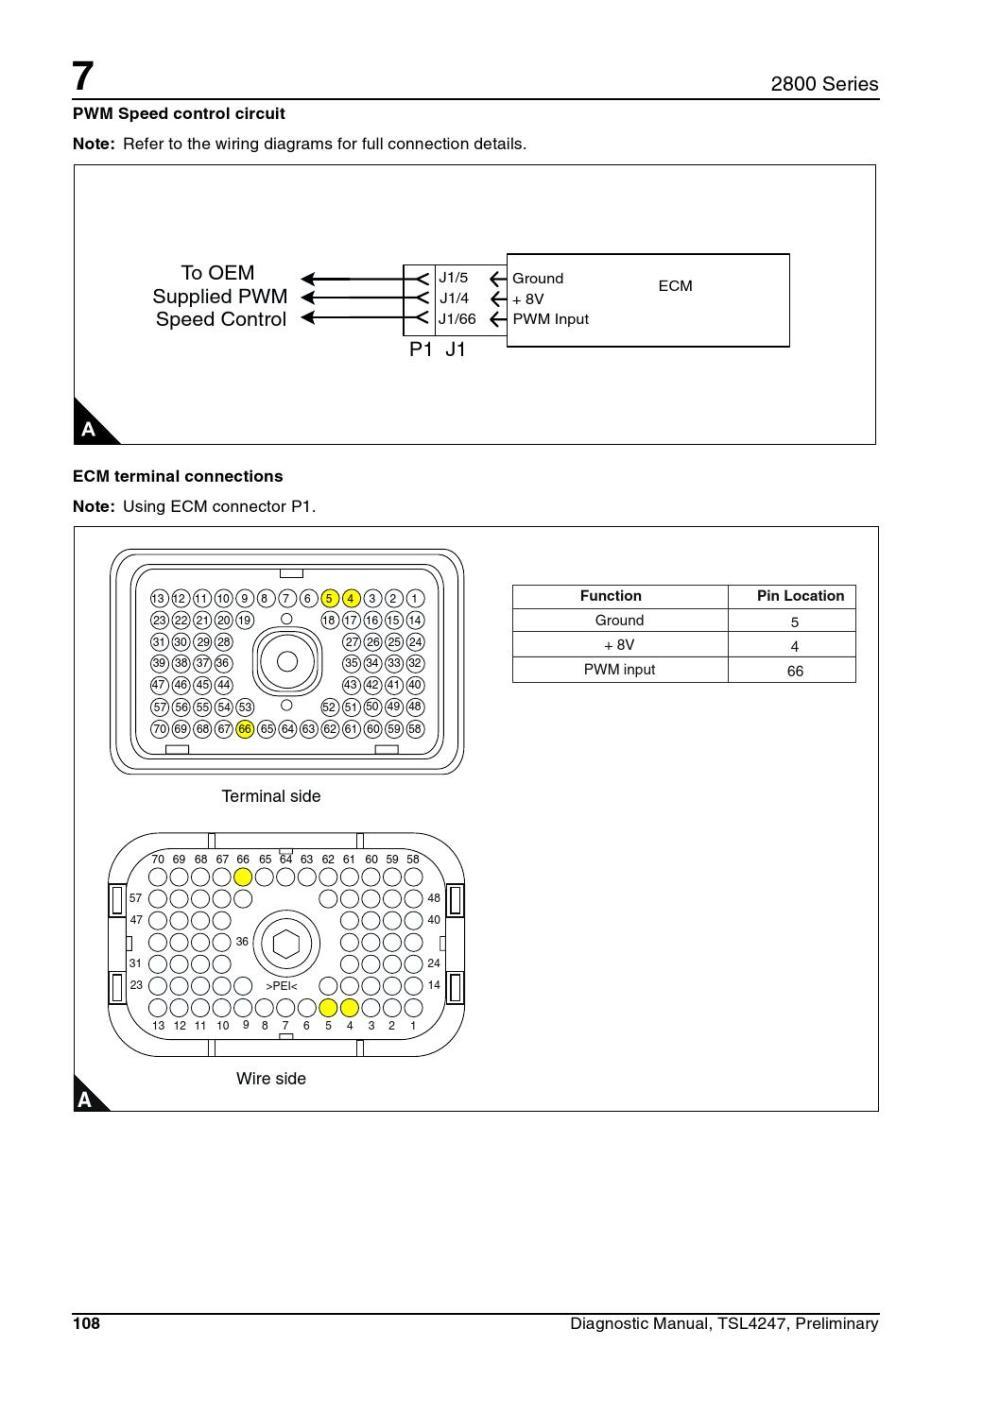 medium resolution of perkins 4 107 wiring diagram wiring diagram and schematics 2800